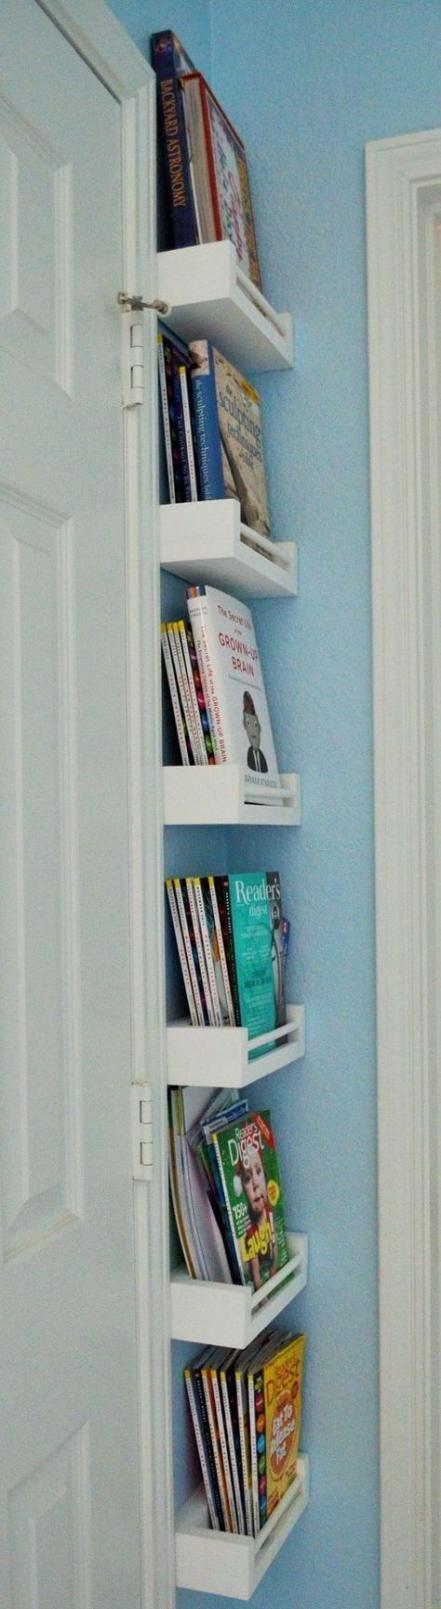 Beste Kinderzimmerideen für Mädchen Spielzimmer Bücherregale 45 Ideen,  #bestbedroomdecorsmal…